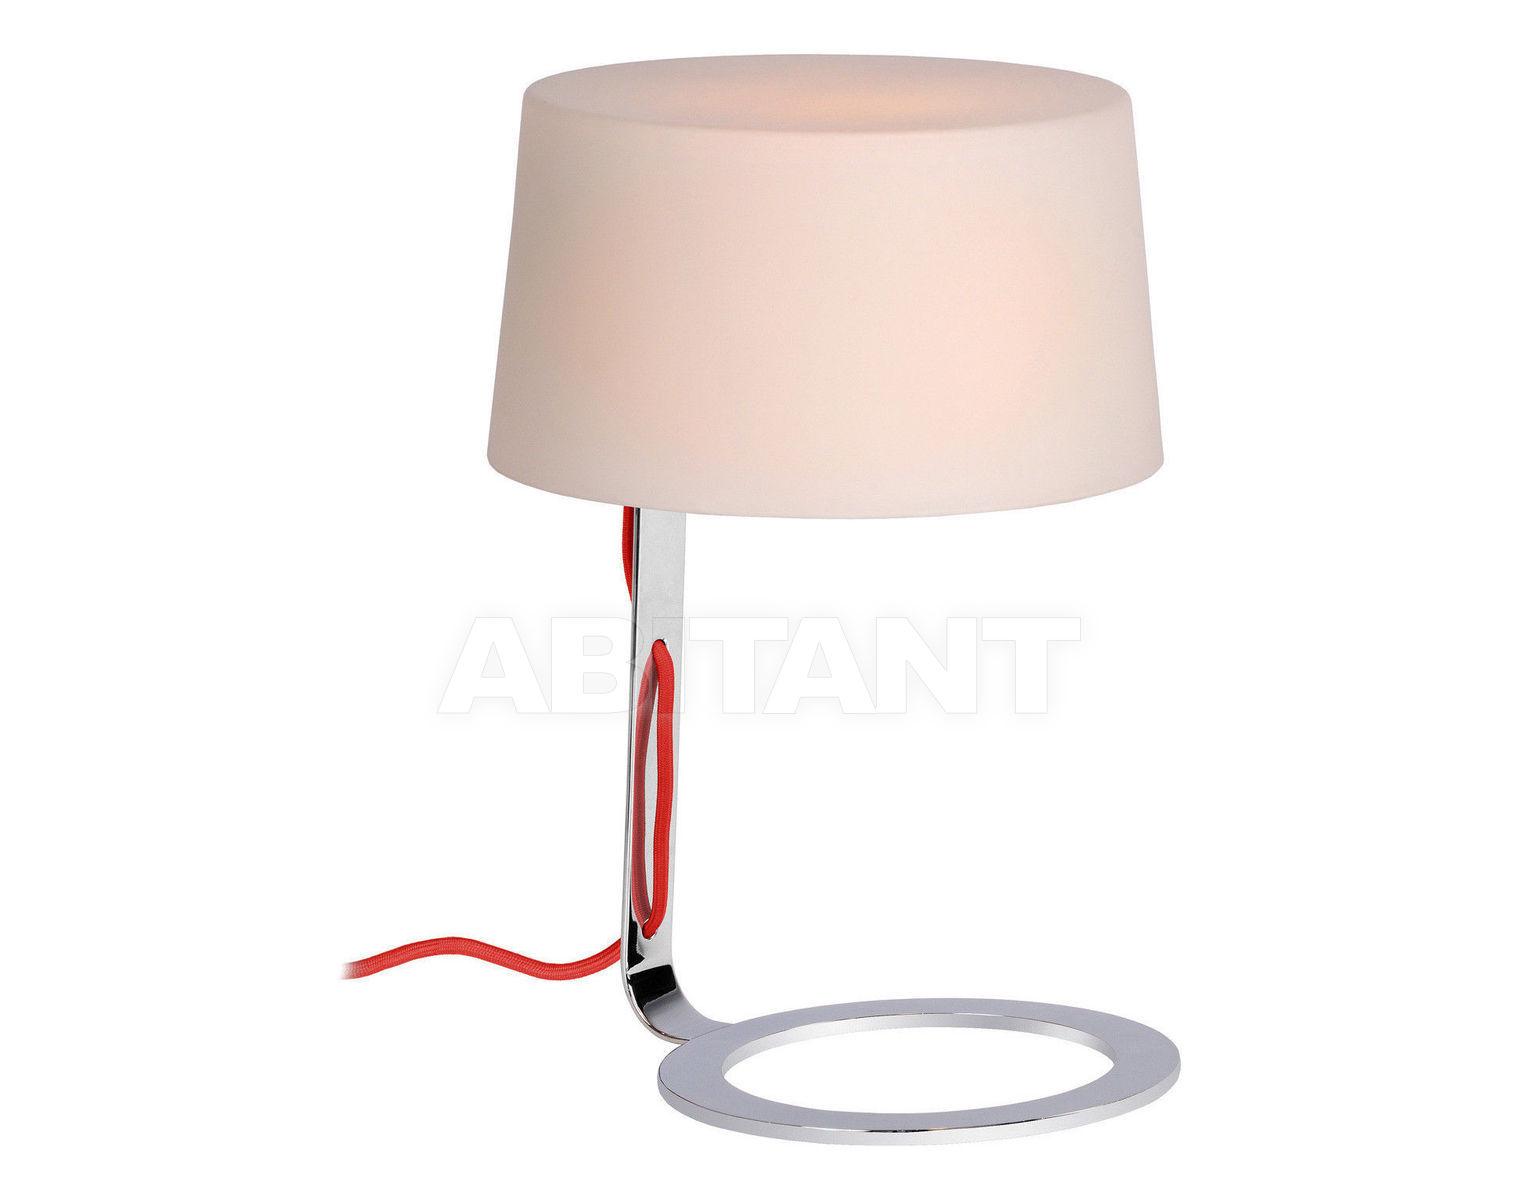 Купить Лампа настольная AIKO Lucide  Floor & Table Lamps 70568/33/61